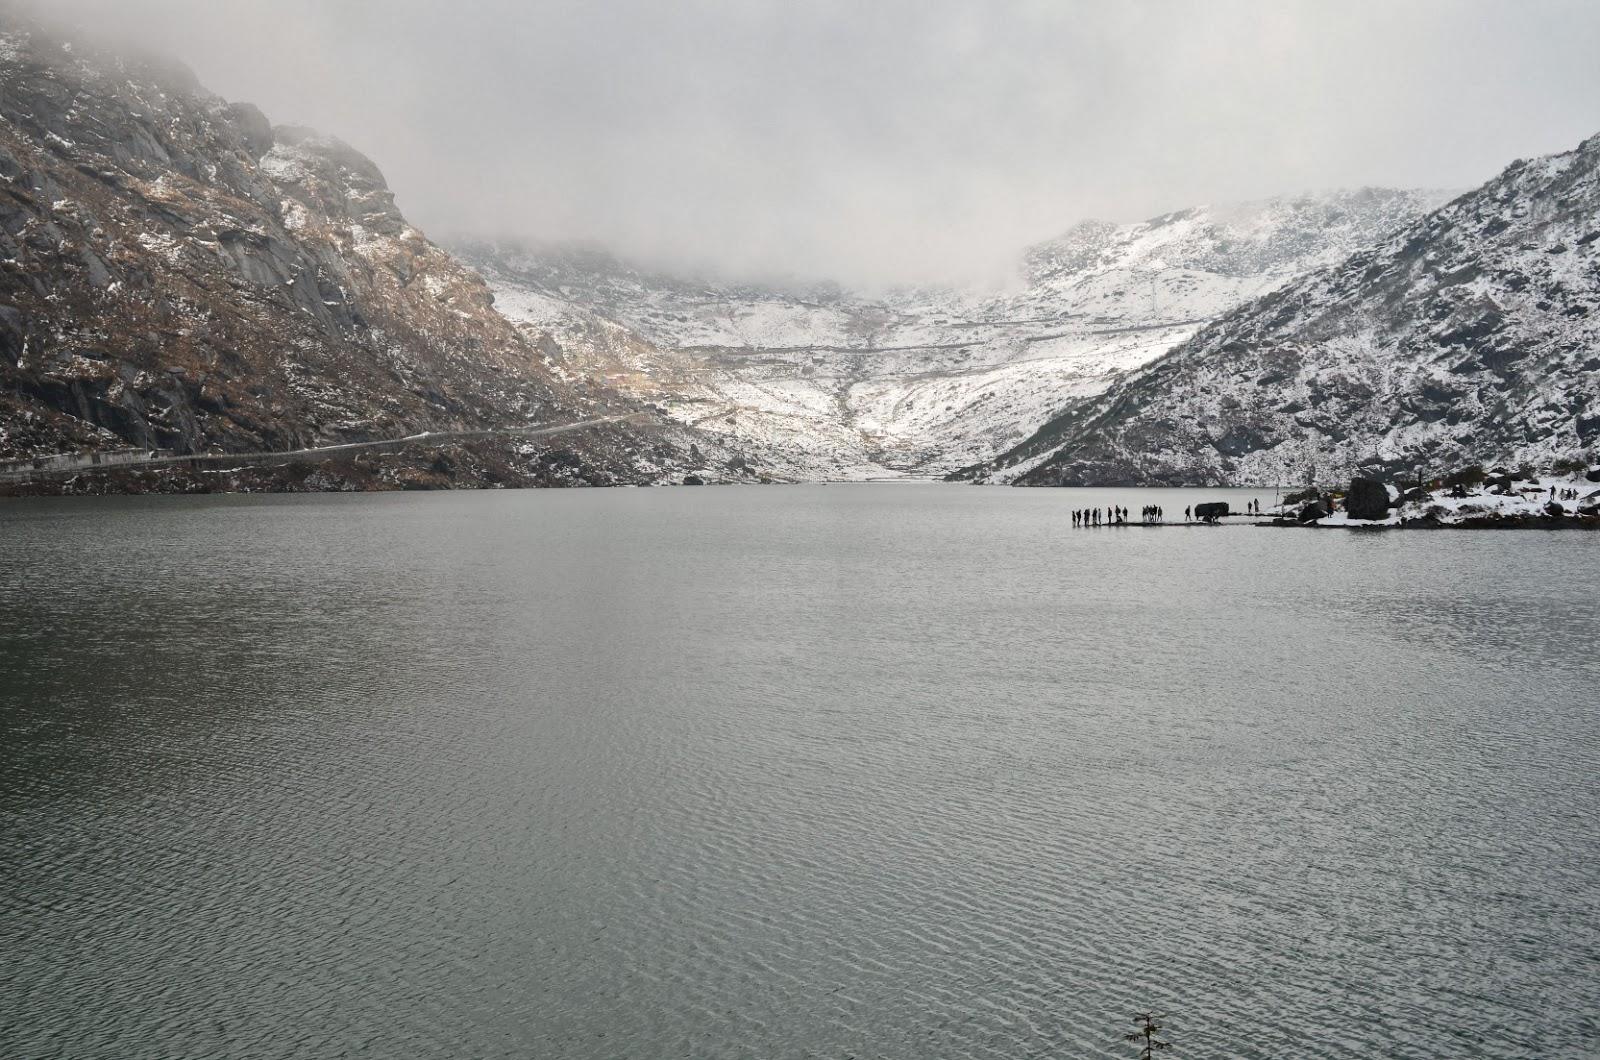 Tsomgo/Changu Lake, Sikkim, India